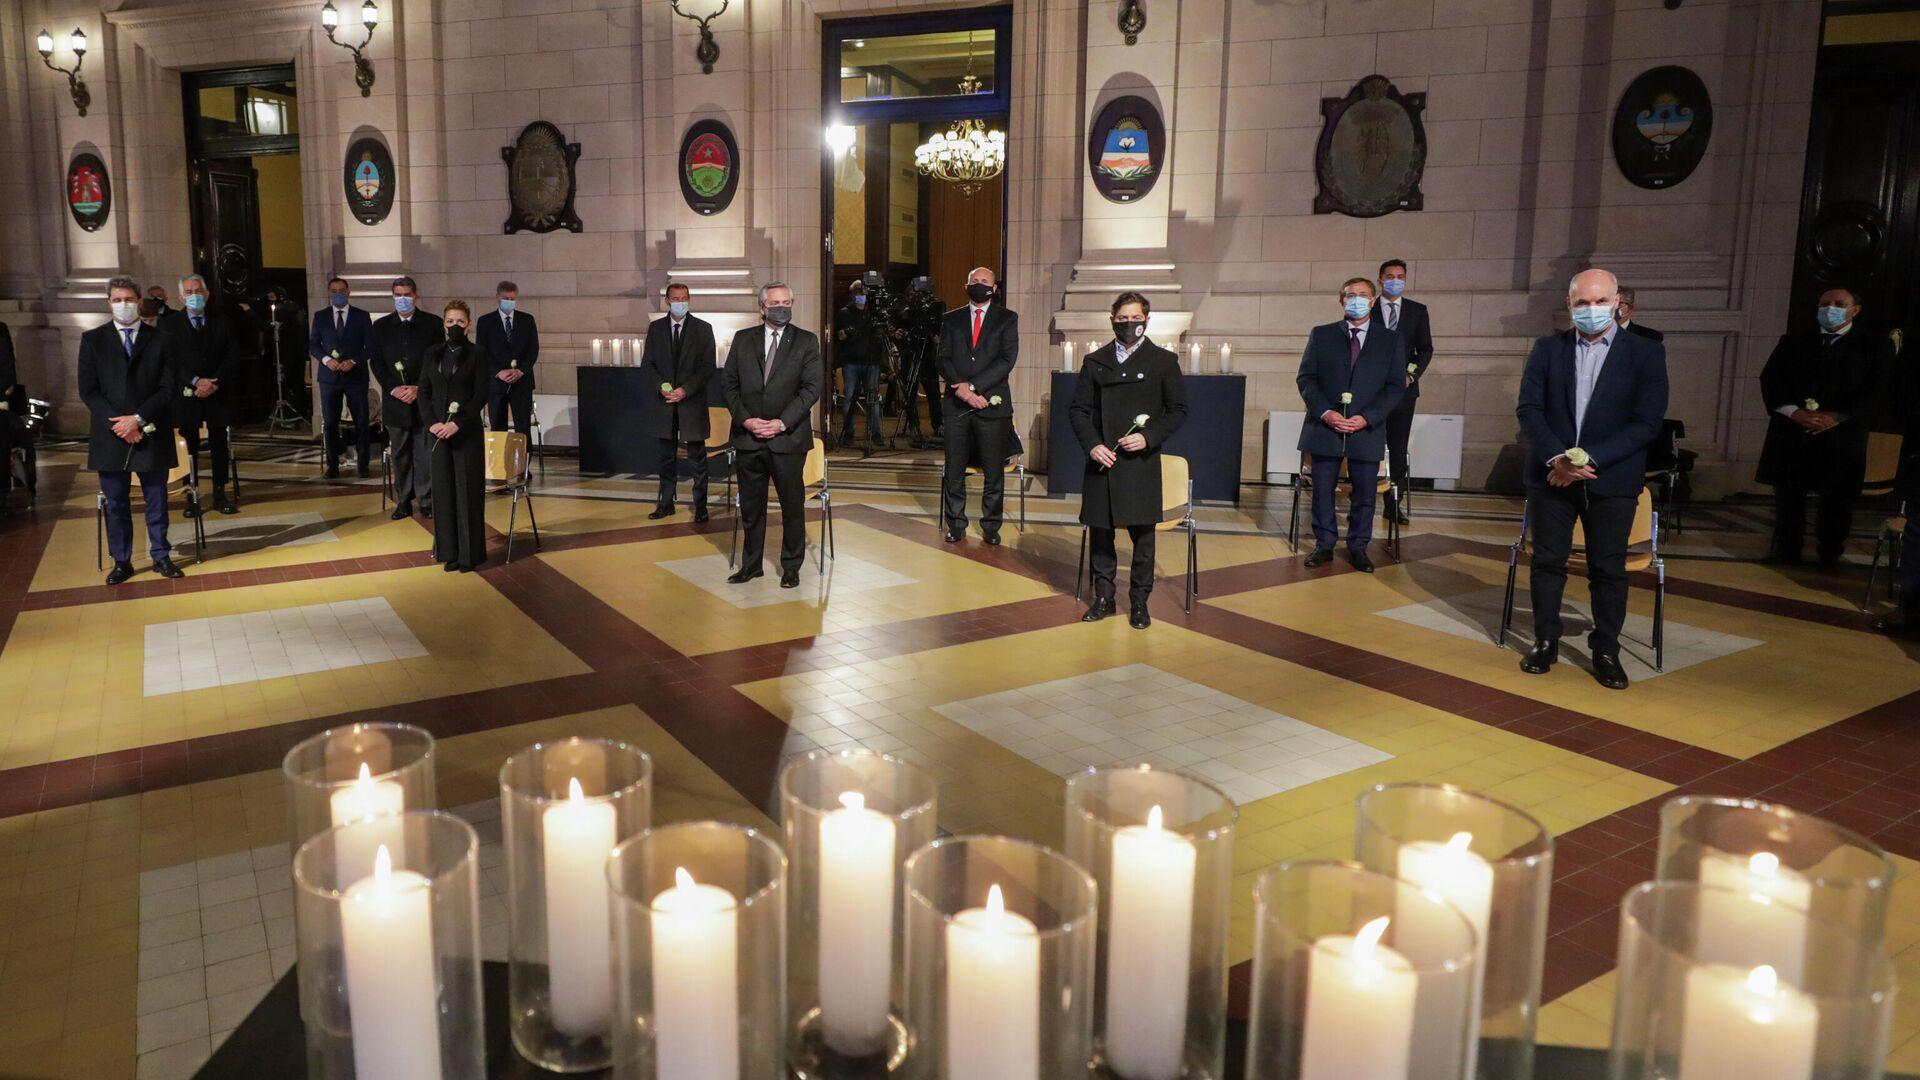 El presidente de Argentina, Alberto Fernández, junto a otras autoridades en un homenaje a los fallecidos por coronavirus - Sputnik Mundo, 1920, 17.08.2021